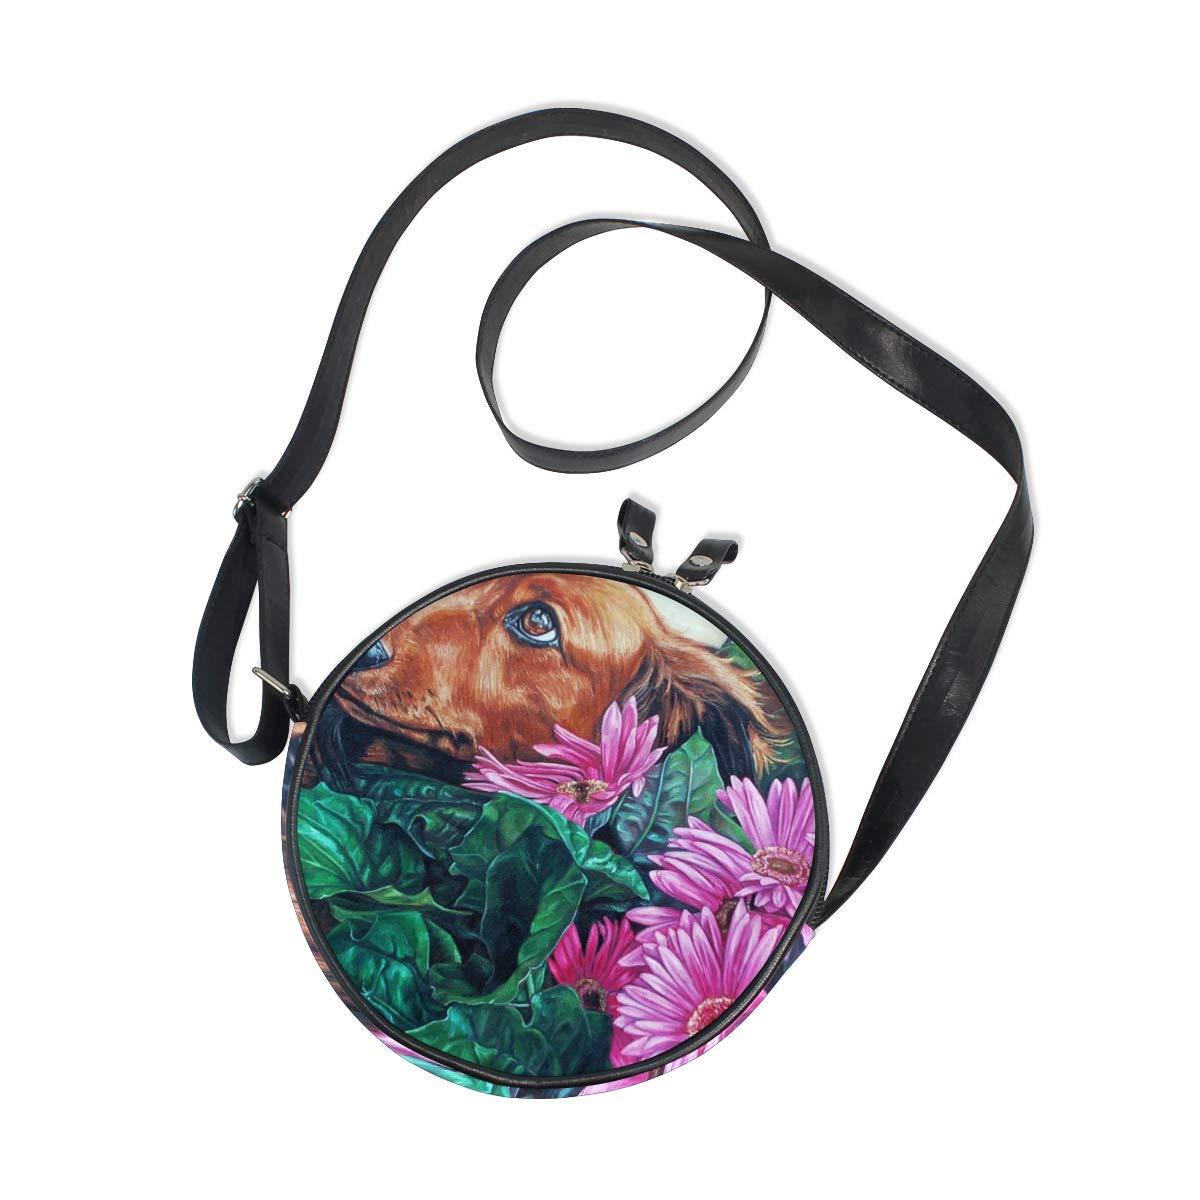 KEAKIA Garden Dog Flower Round Crossbody Bag Shoulder Sling Bag Handbag Purse Satchel Shoulder Bag for Kids Women